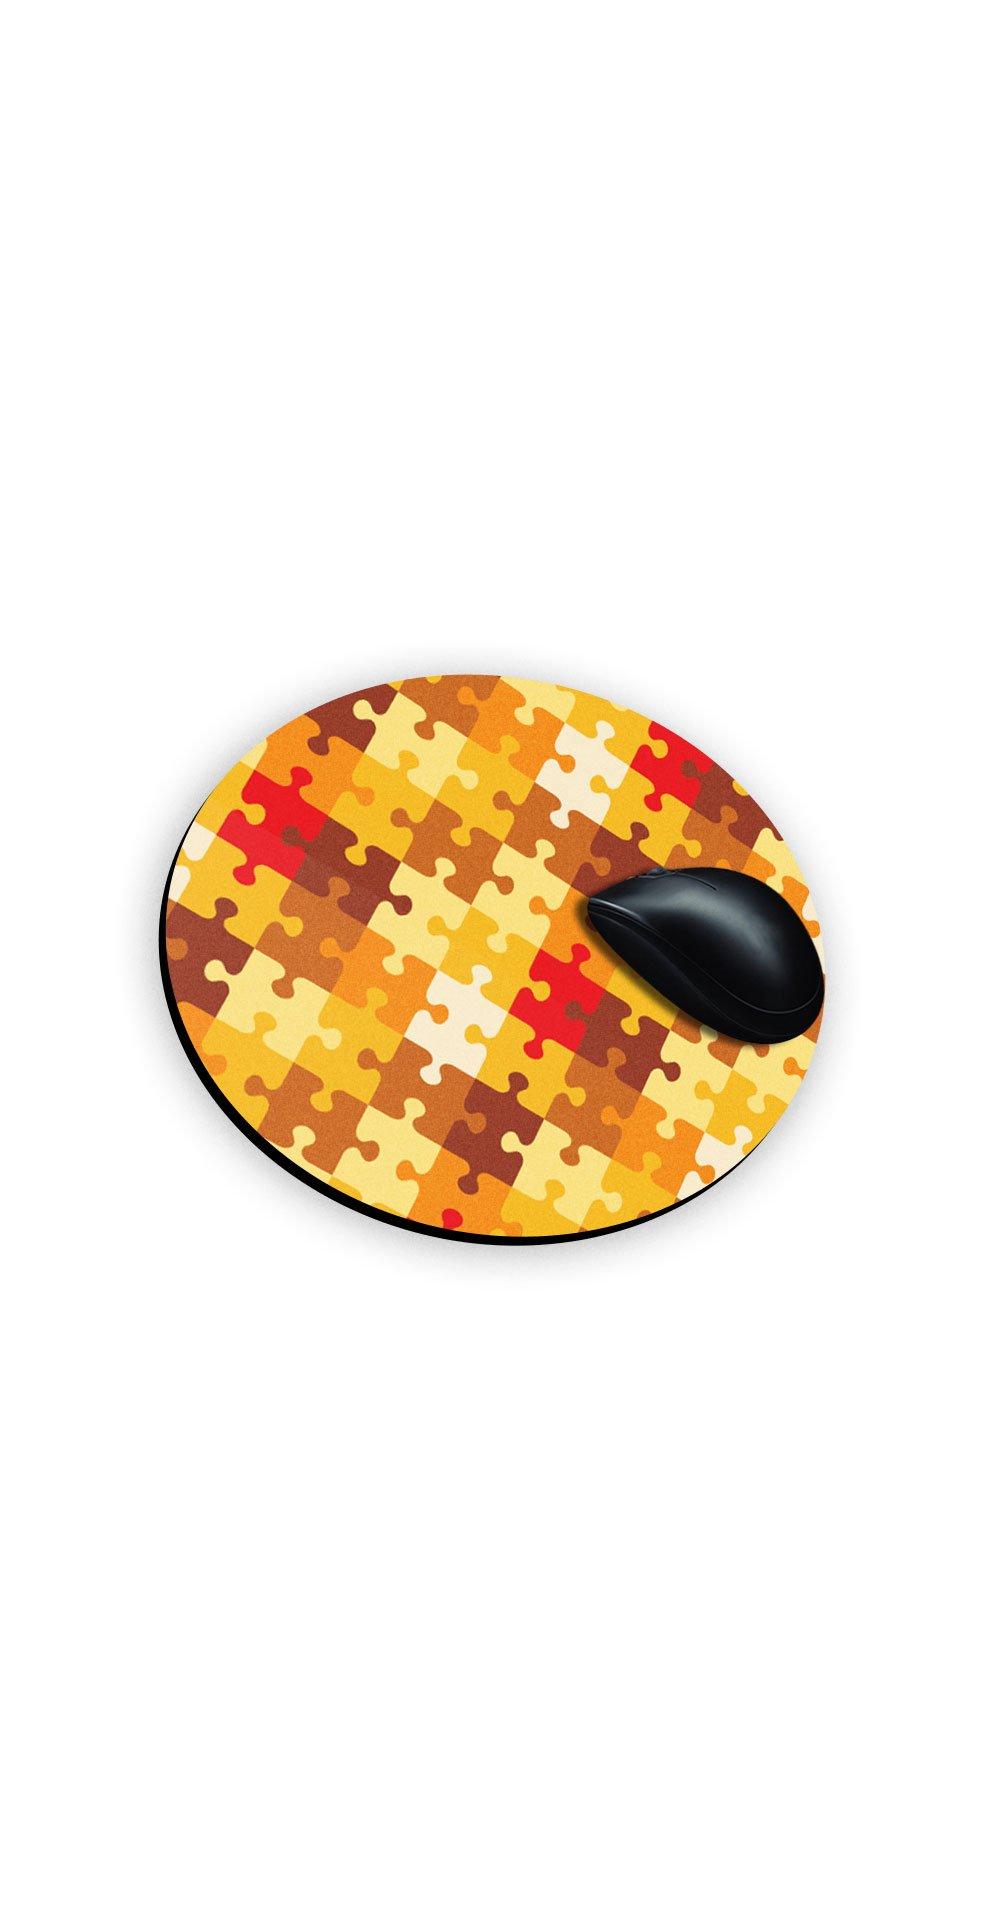 golden-puzzle